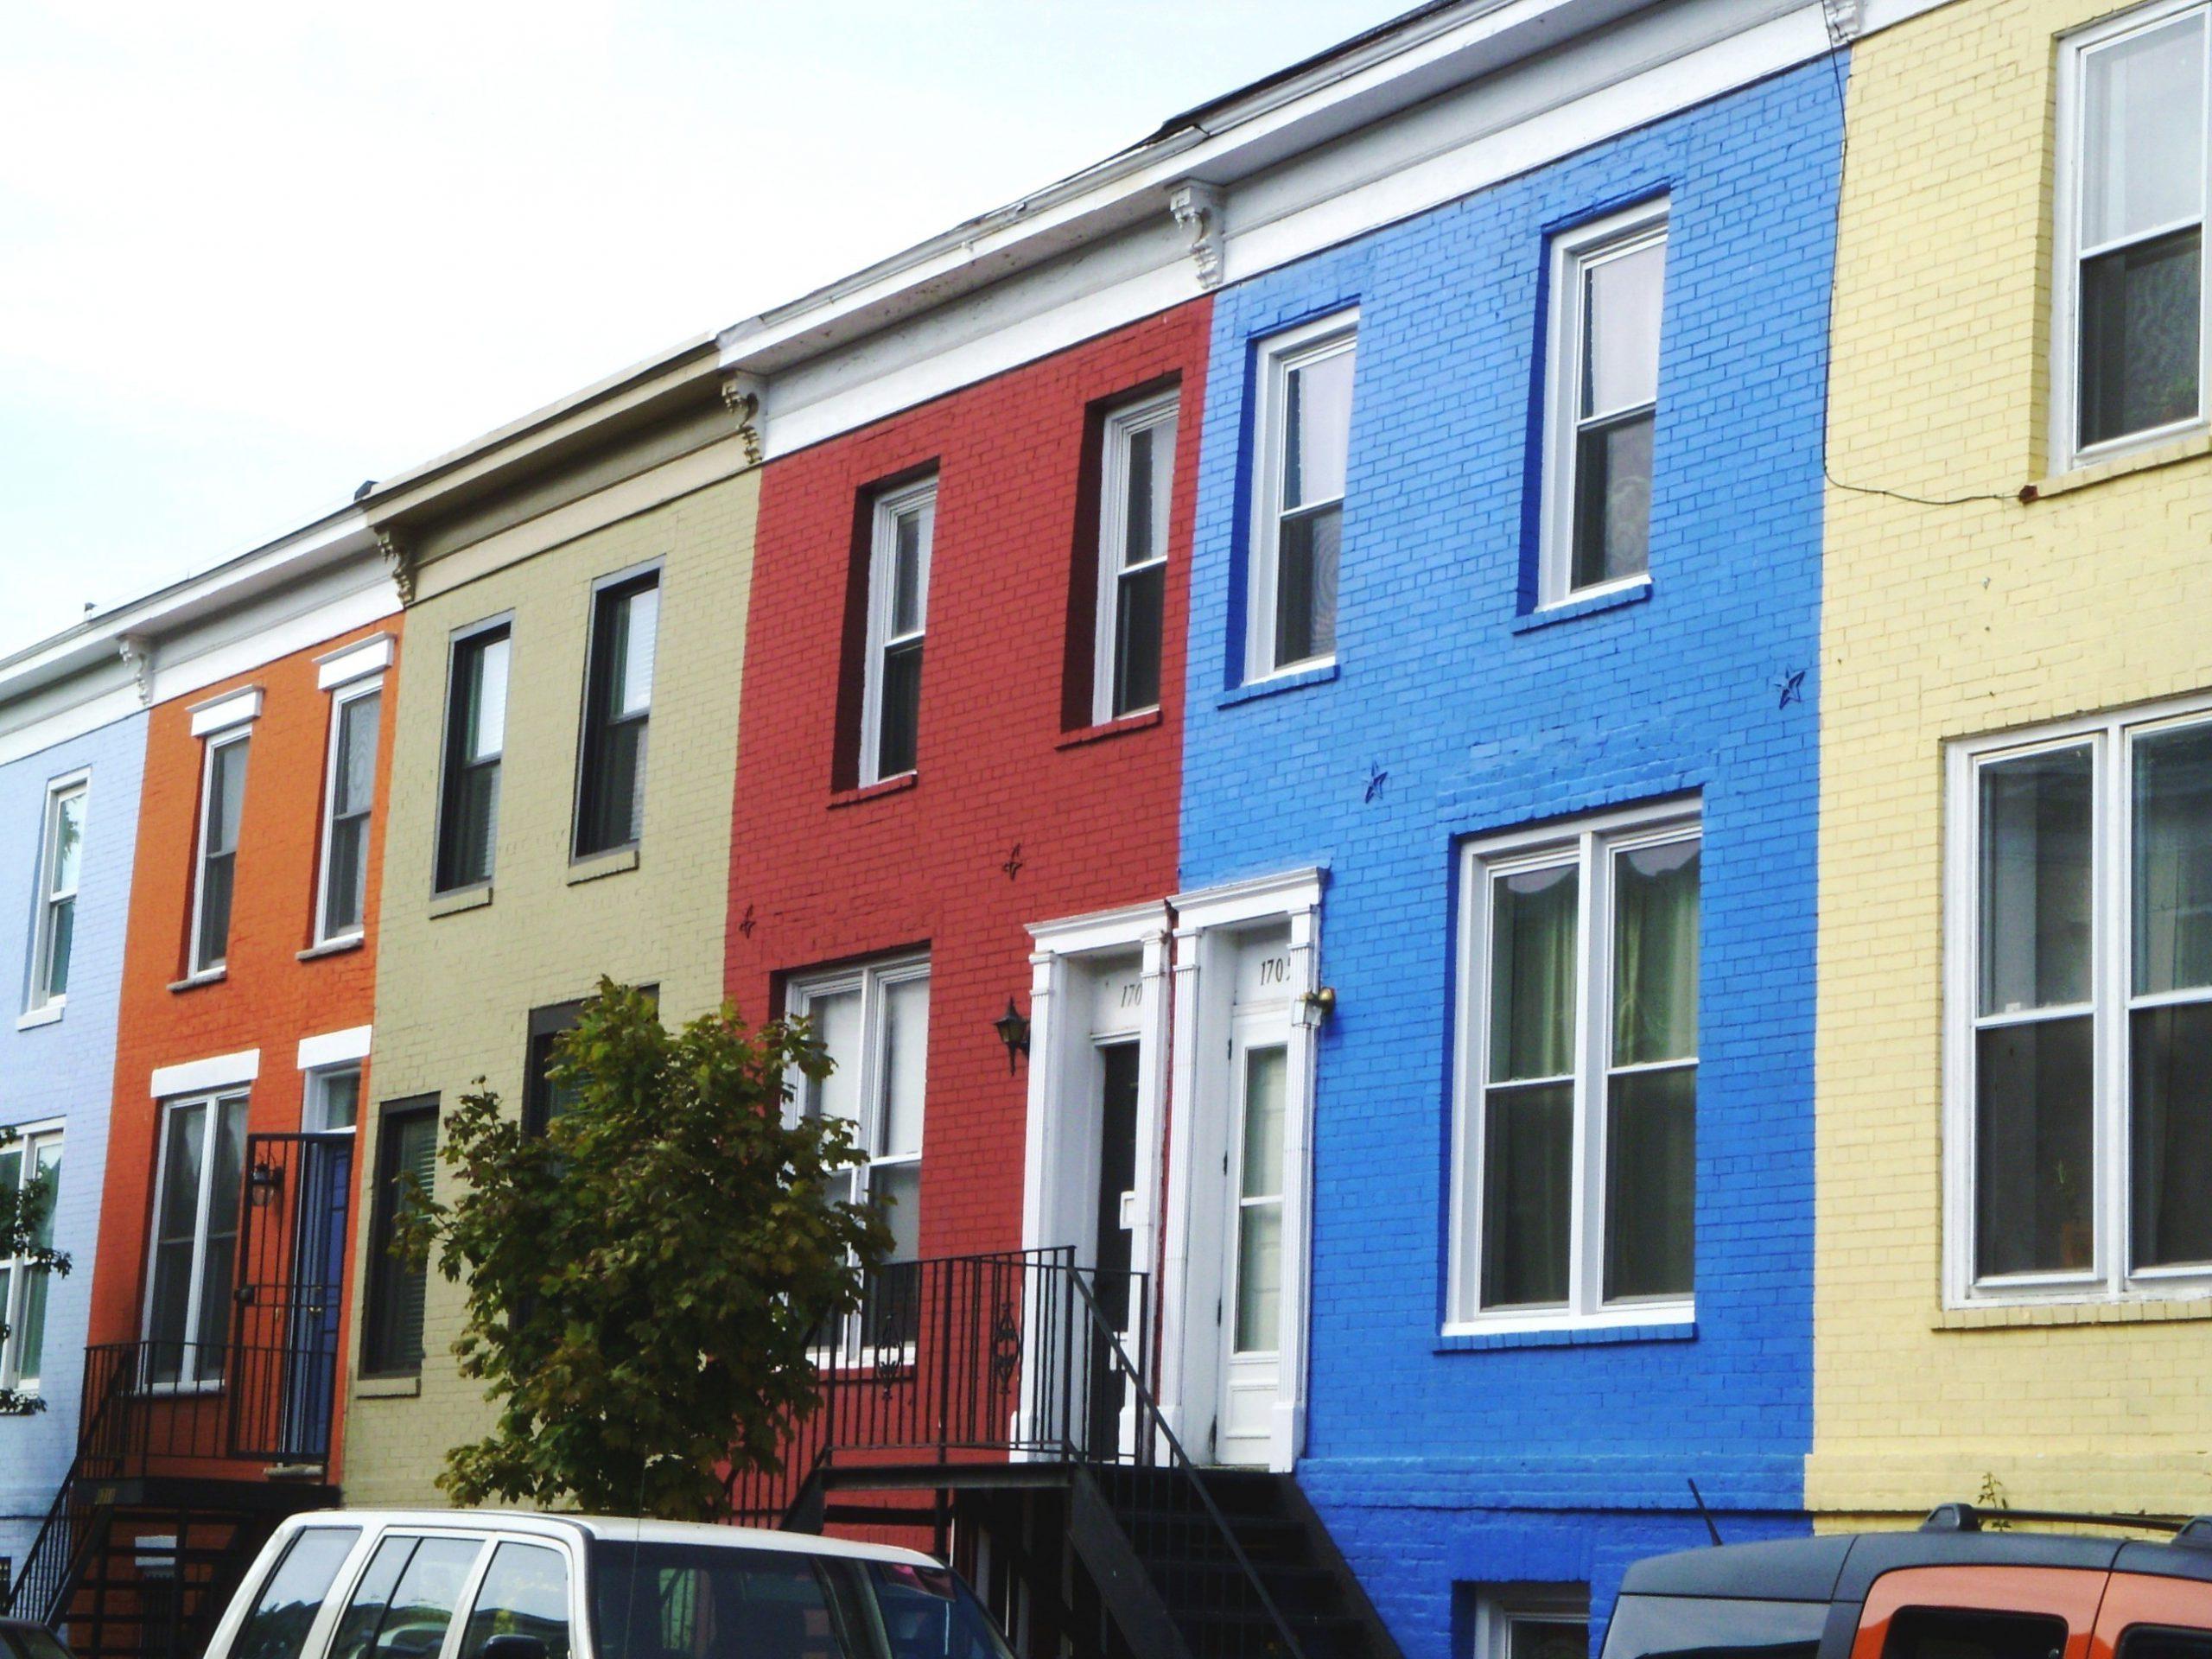 straat met gekleurde huizen